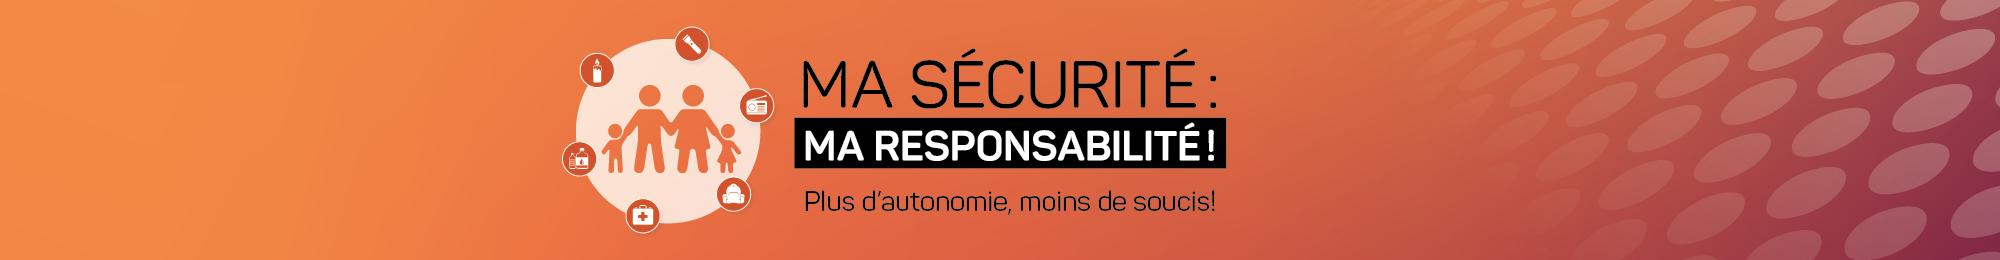 [Translate to Anglais:] Ma sécurité, ma responsabilité